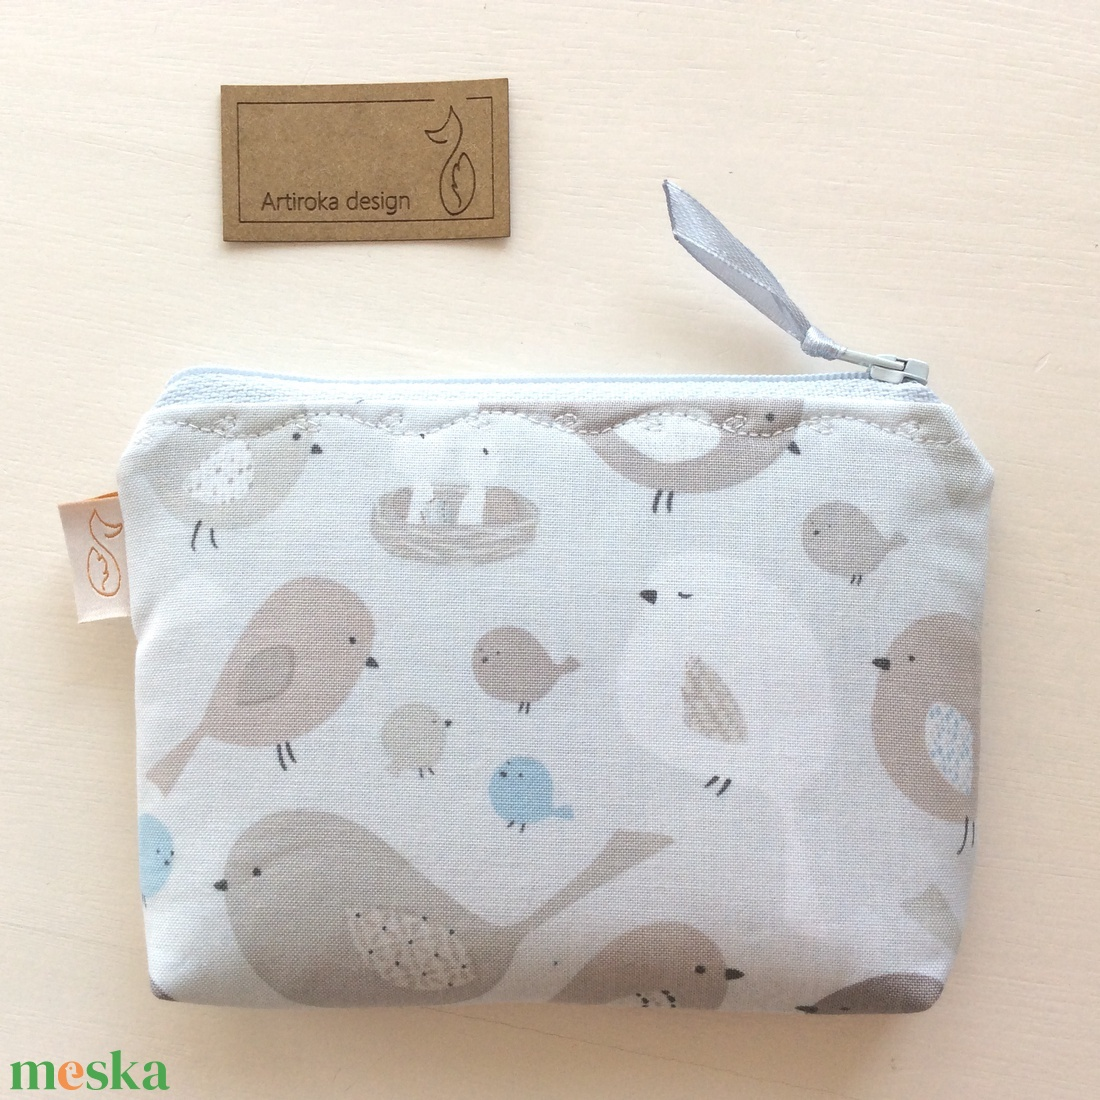 Madárkás, pasztell színű irattartó pénztárca pasztellkék színben  - Artiroka design - táska & tok - pénztárca & más tok - kártyatartó & irattartó - Meska.hu